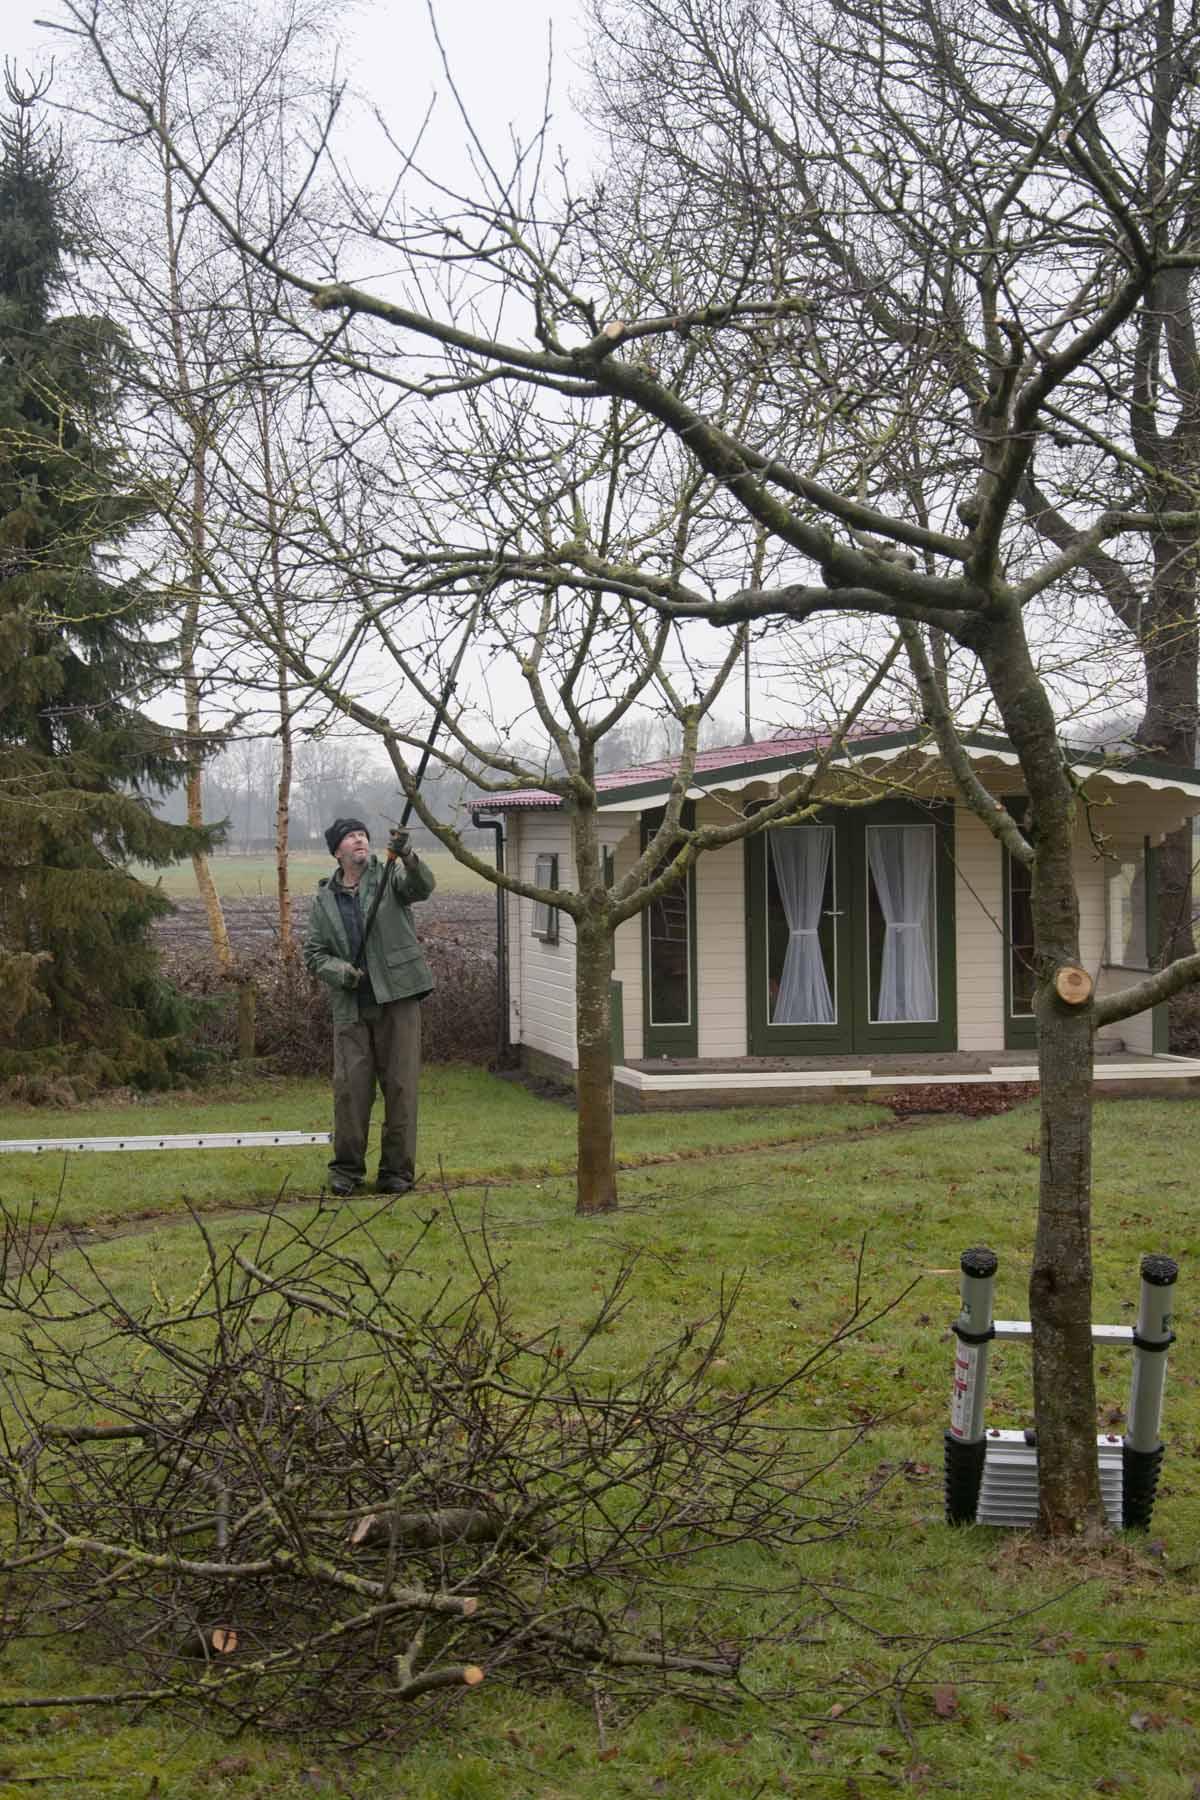 2011-02-26-hsb-blesdijke-2713